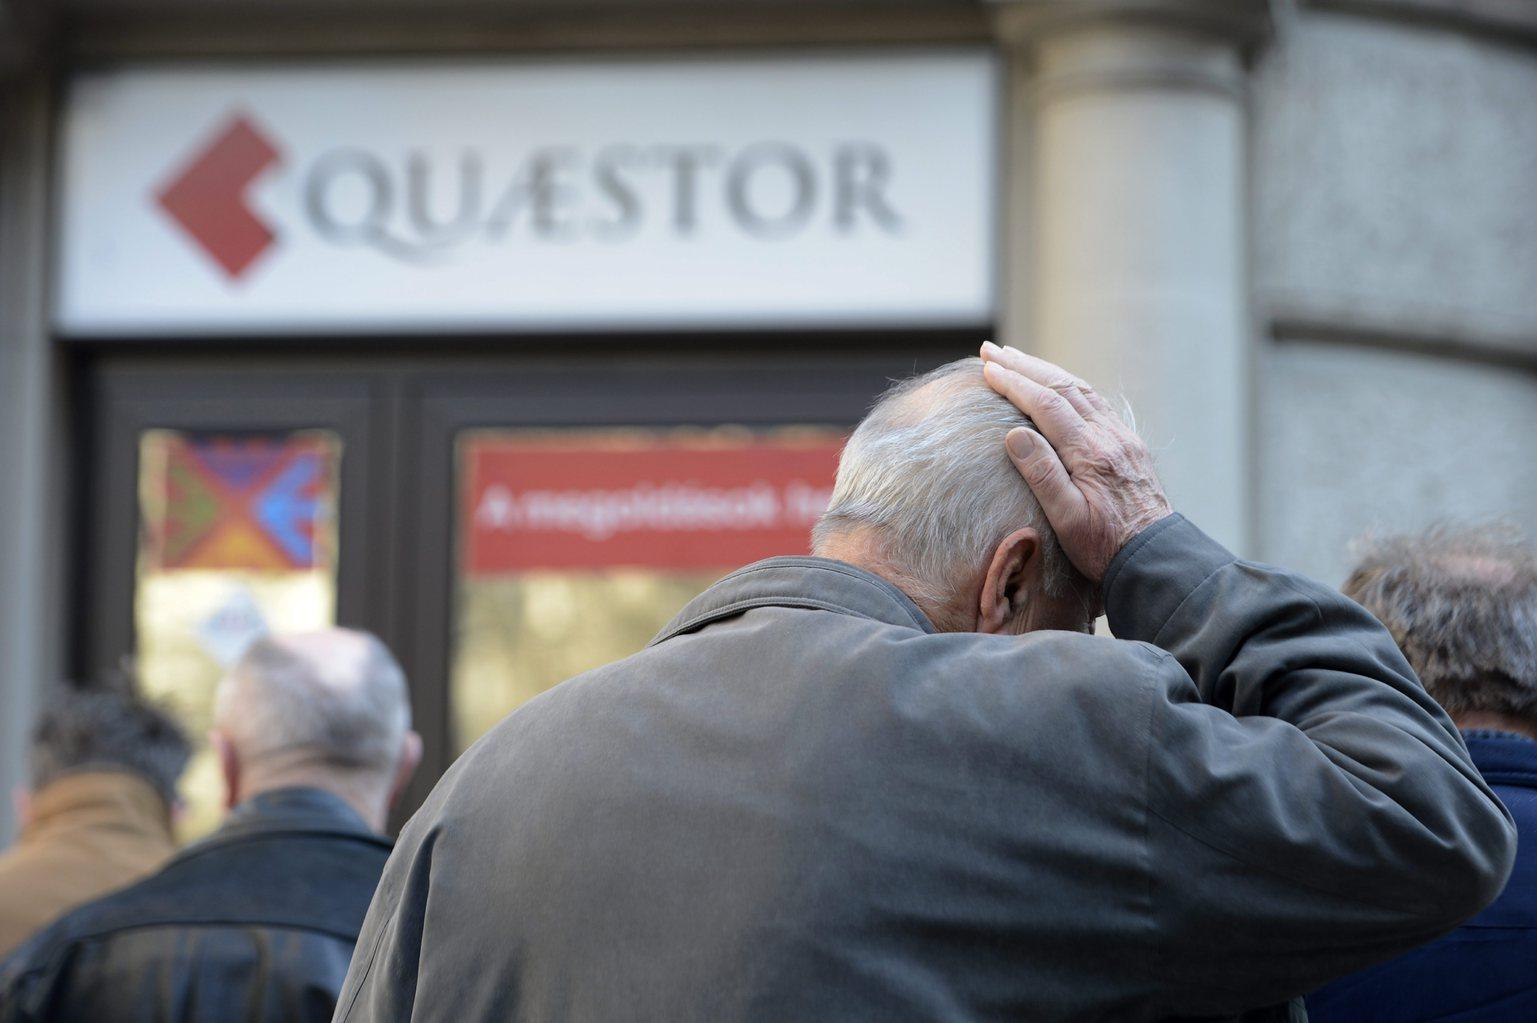 Ügyfelek várakoznak a Quaestor Értékpapír-kereskedelmi és Befektetési Zrt. ügyfélszolgálati irodája előtt az V. kerületi Báthori utcában 2015. március 10-én. Részlegesen felfüggesztette a Quaestor tevékenységi engedélyét a Magyar Nemzeti Bank (MNB), miután célvizsgálata során a társaságnál szabálytalanságokat észlelt. Az előző napon a Quaestor Financial Hrurira Kft. öncsődöt jelentett. MTI Fotó: Kovács Tamás